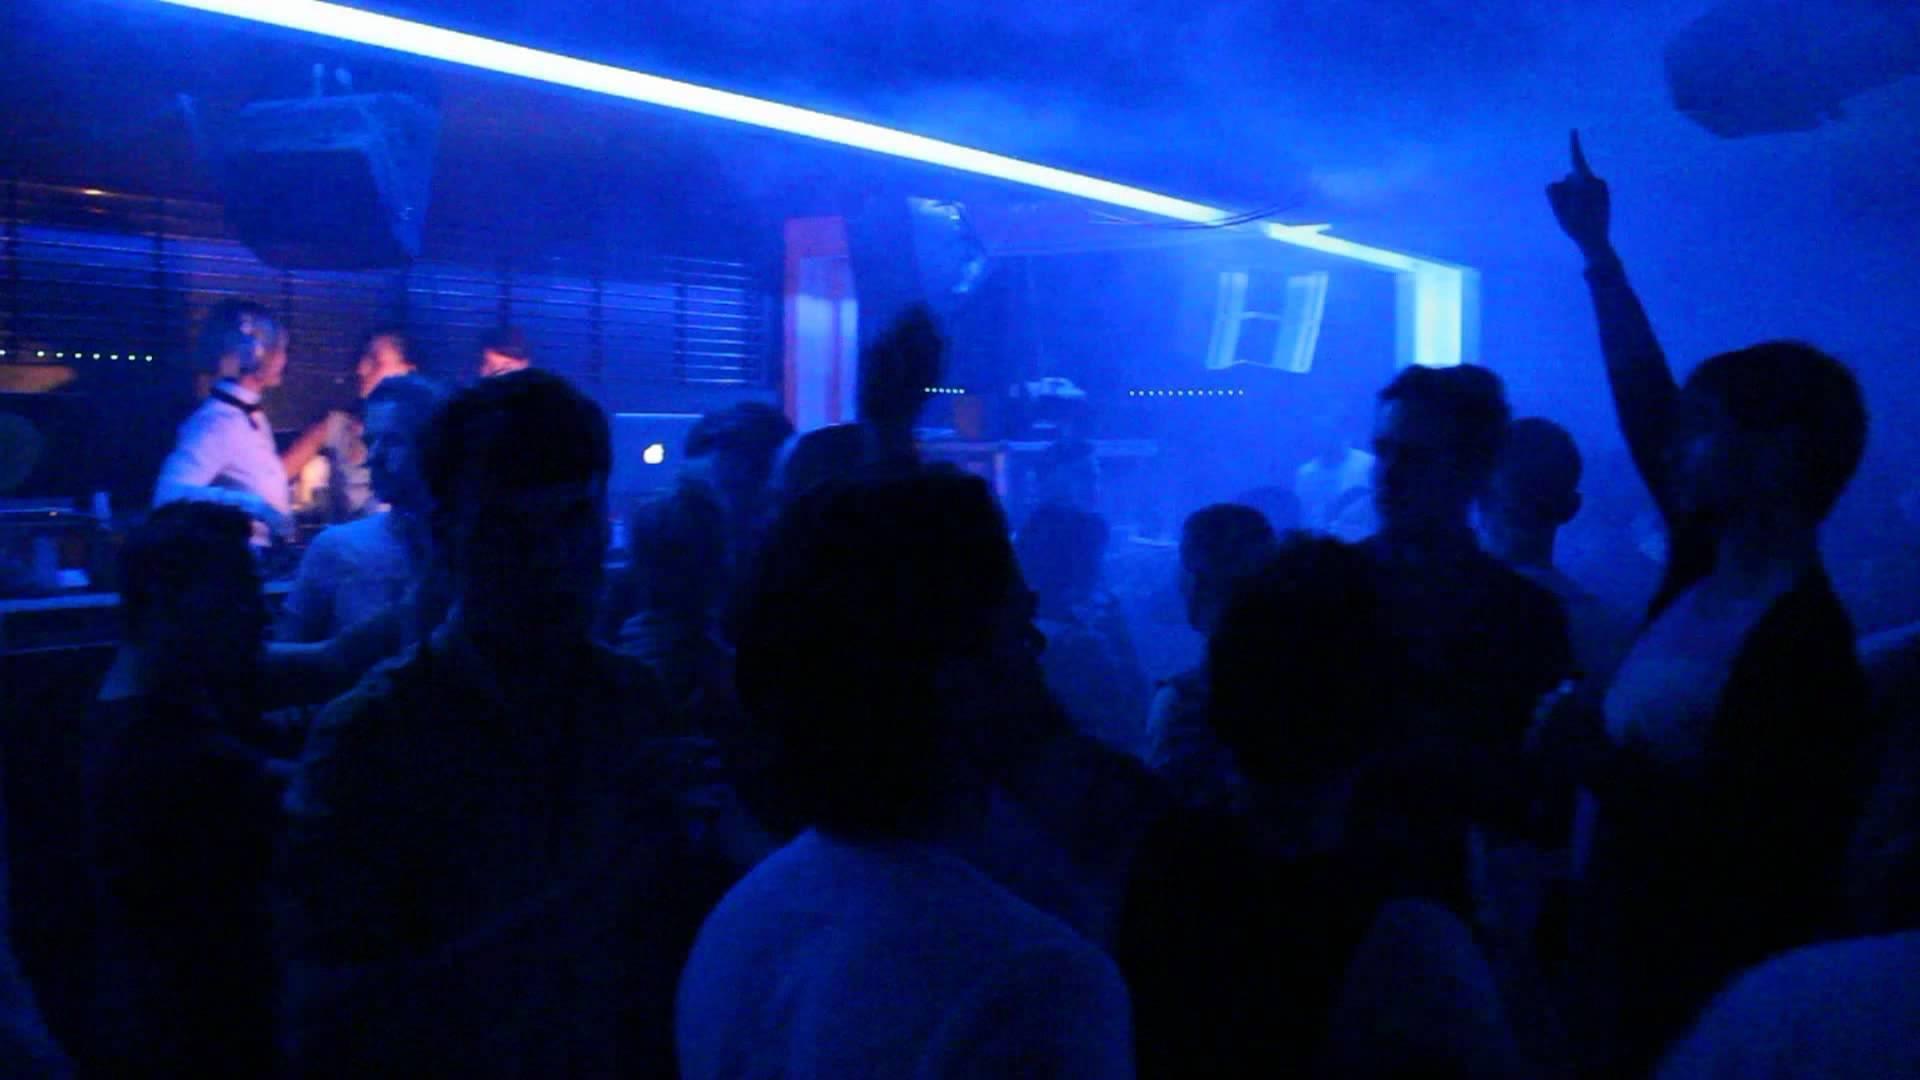 Герц ночной клуб закрытые клубы москвы свингеров